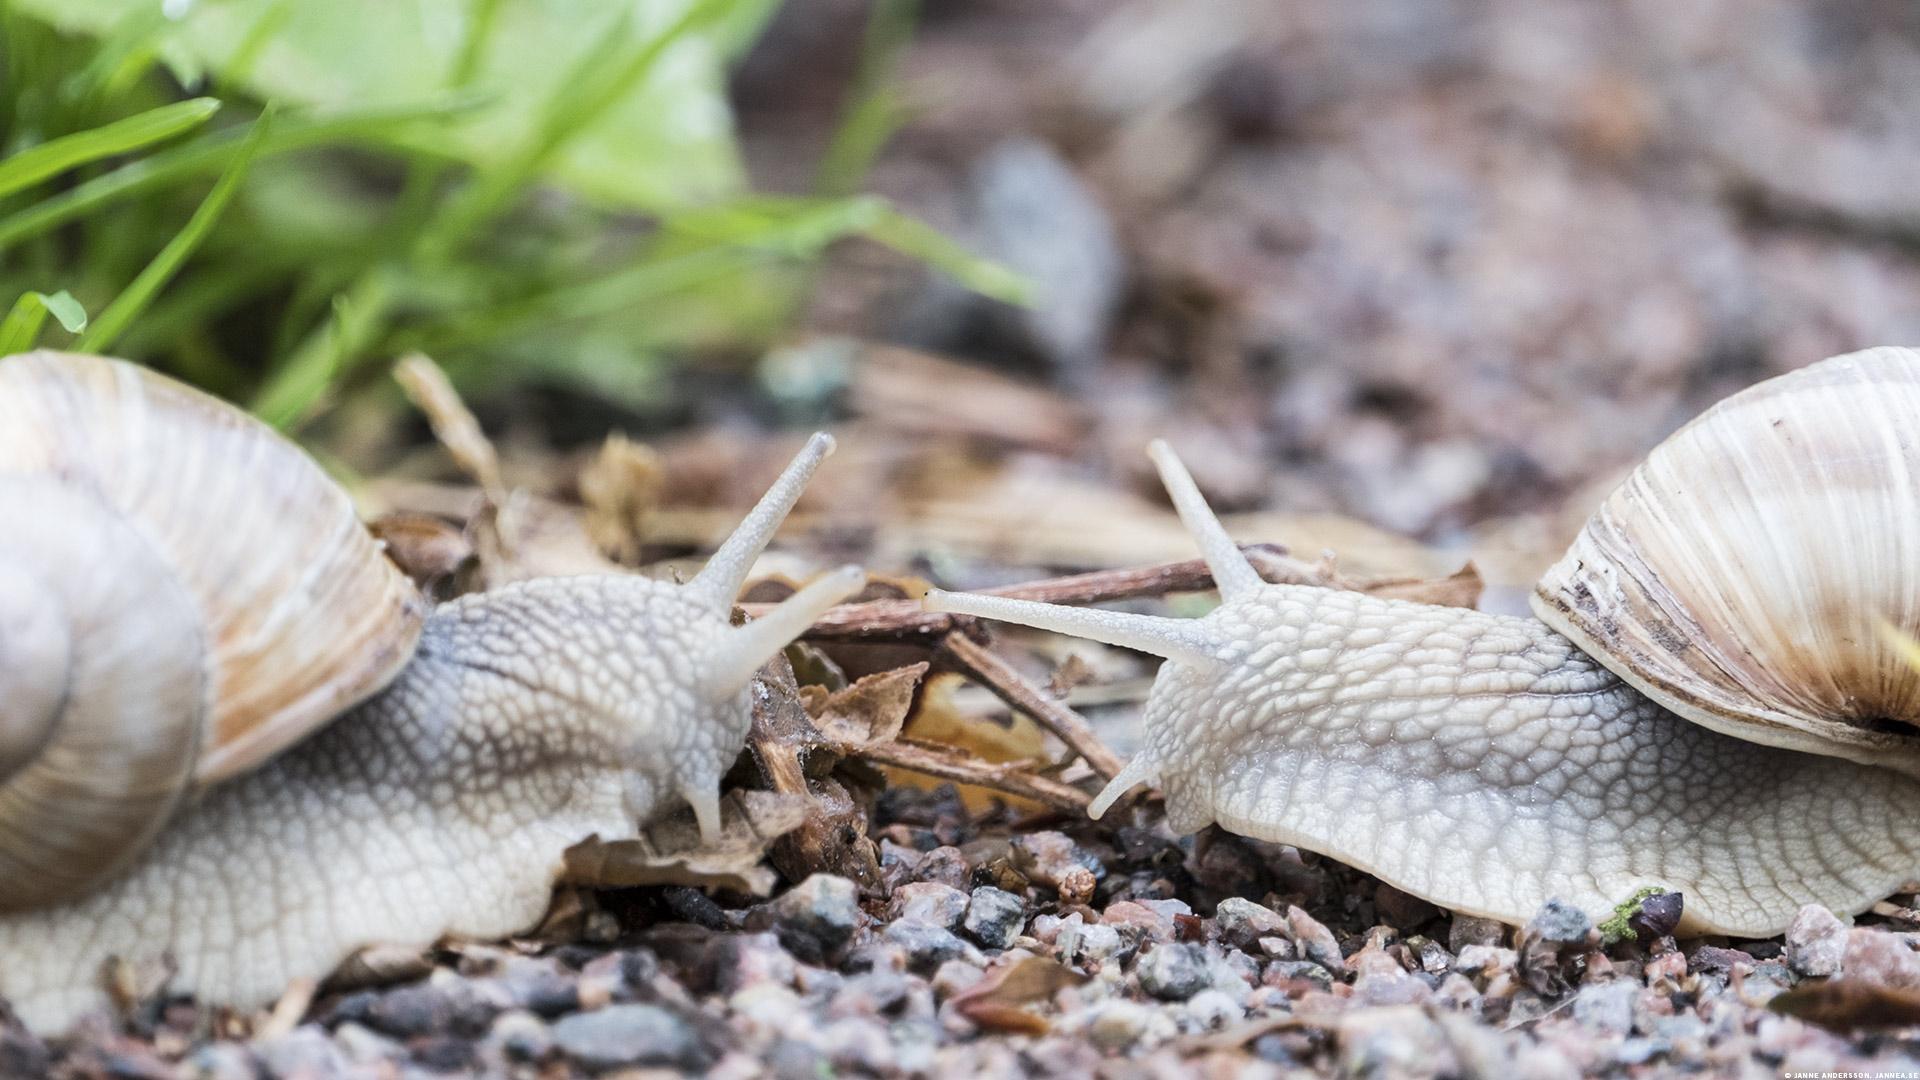 Tvån Vinbergssnäckor som hälsar på varandra |©Janne A